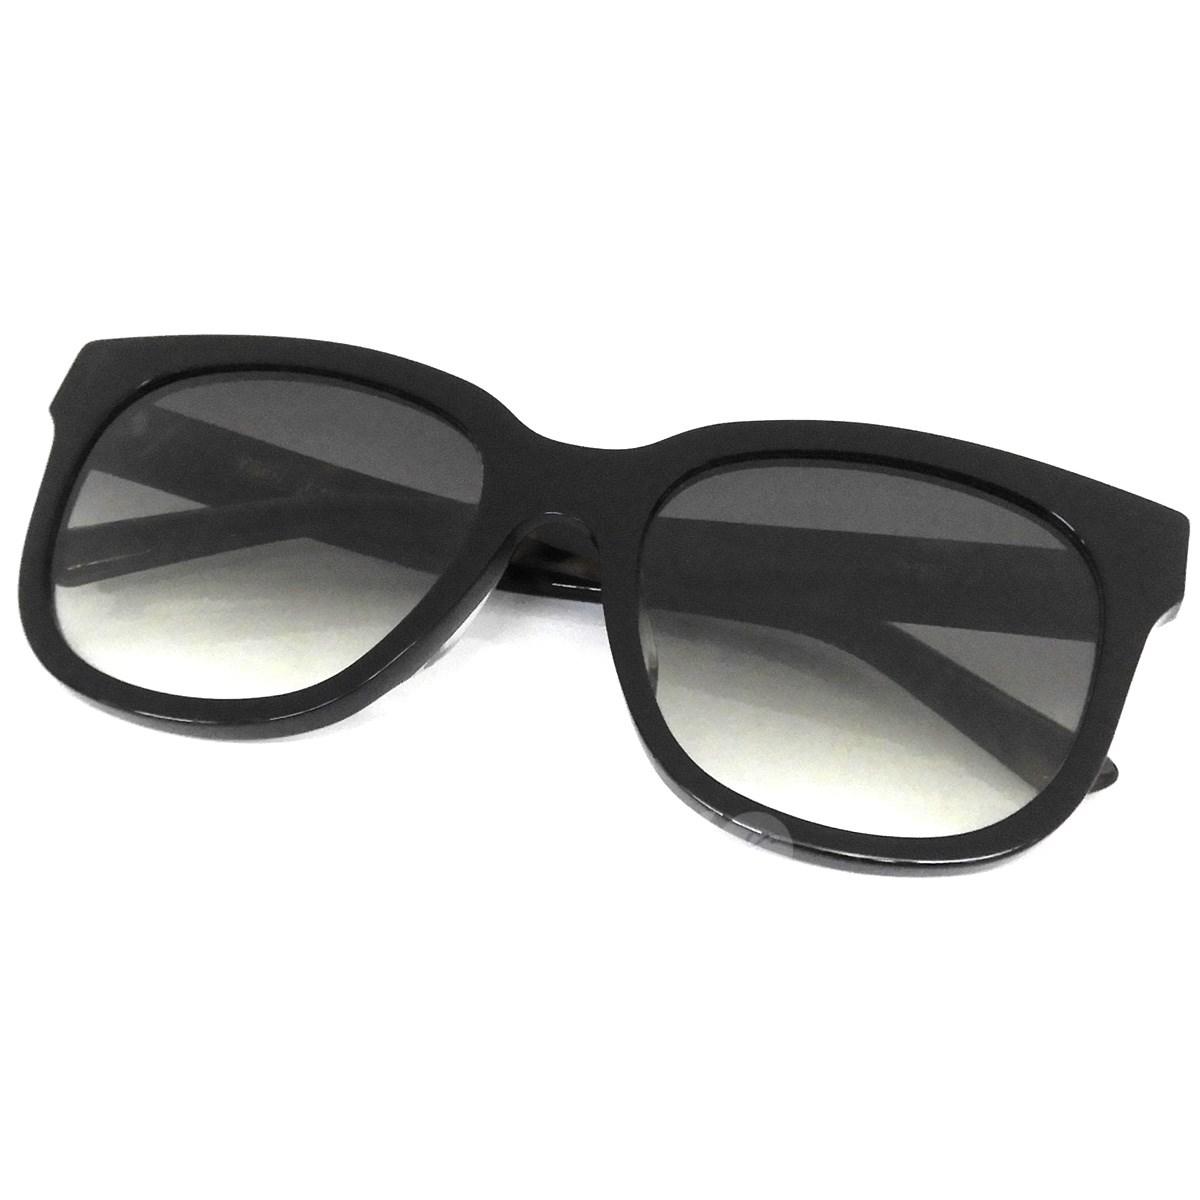 【中古】GENTLE MONSTER 「DIDI D」サングラス ブラック×ブラウン サイズ:- 【送料無料】 【261018】(ジェントルモンスター)